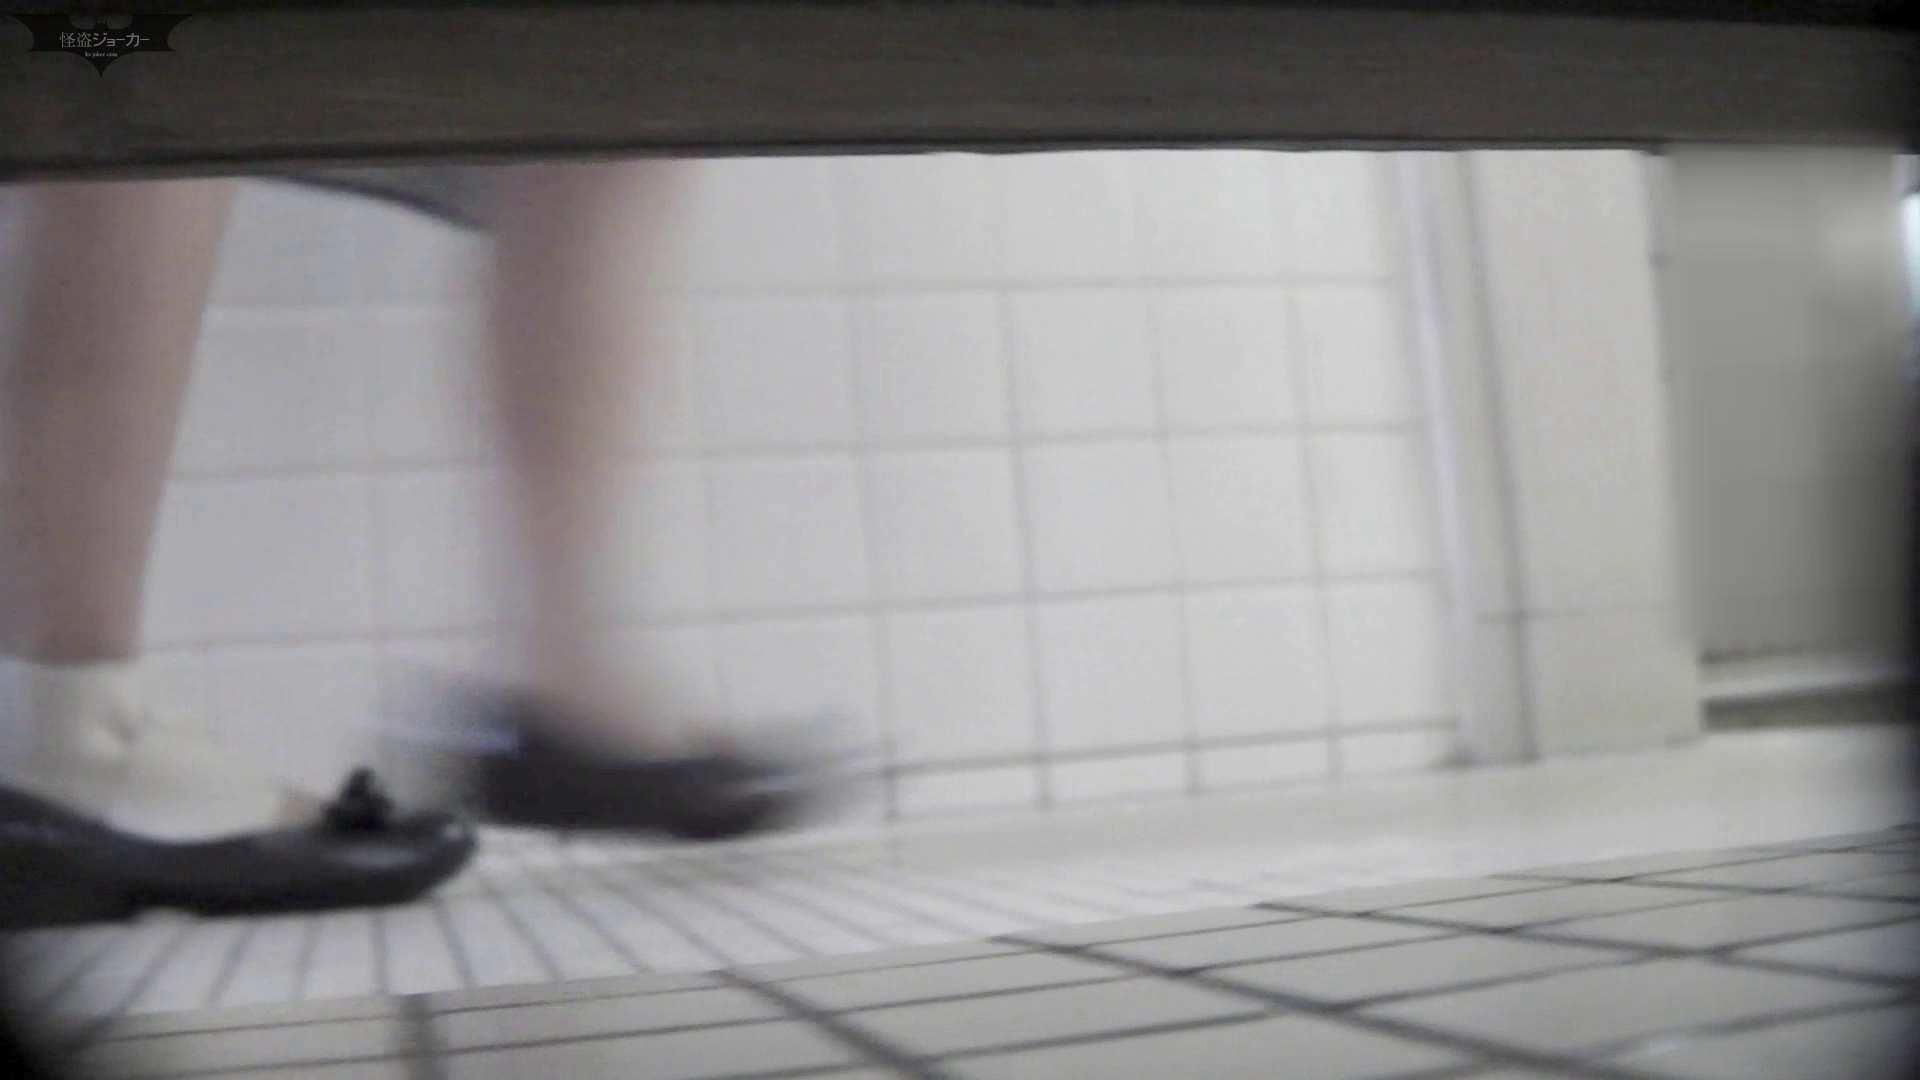 洗面所特攻隊vol.63 慌てる。「46」で登場した子【2015・20位】 洗面所のぞき ぱこり動画紹介 80枚 76